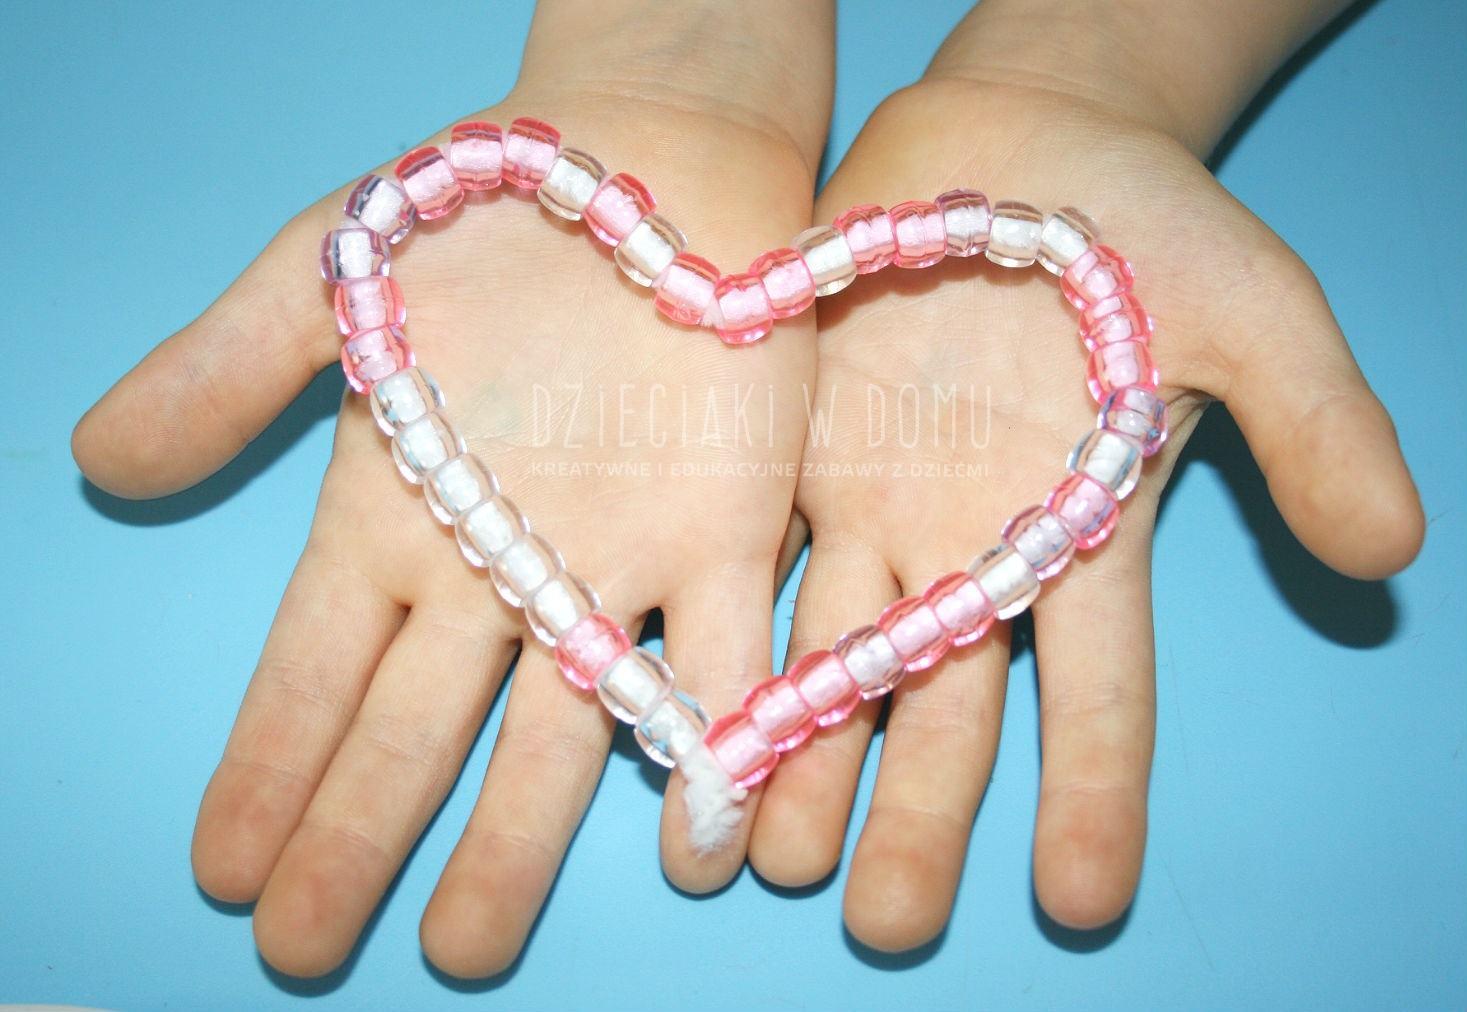 koralikowe serduszka - kreatywna zabawa dla dzieci